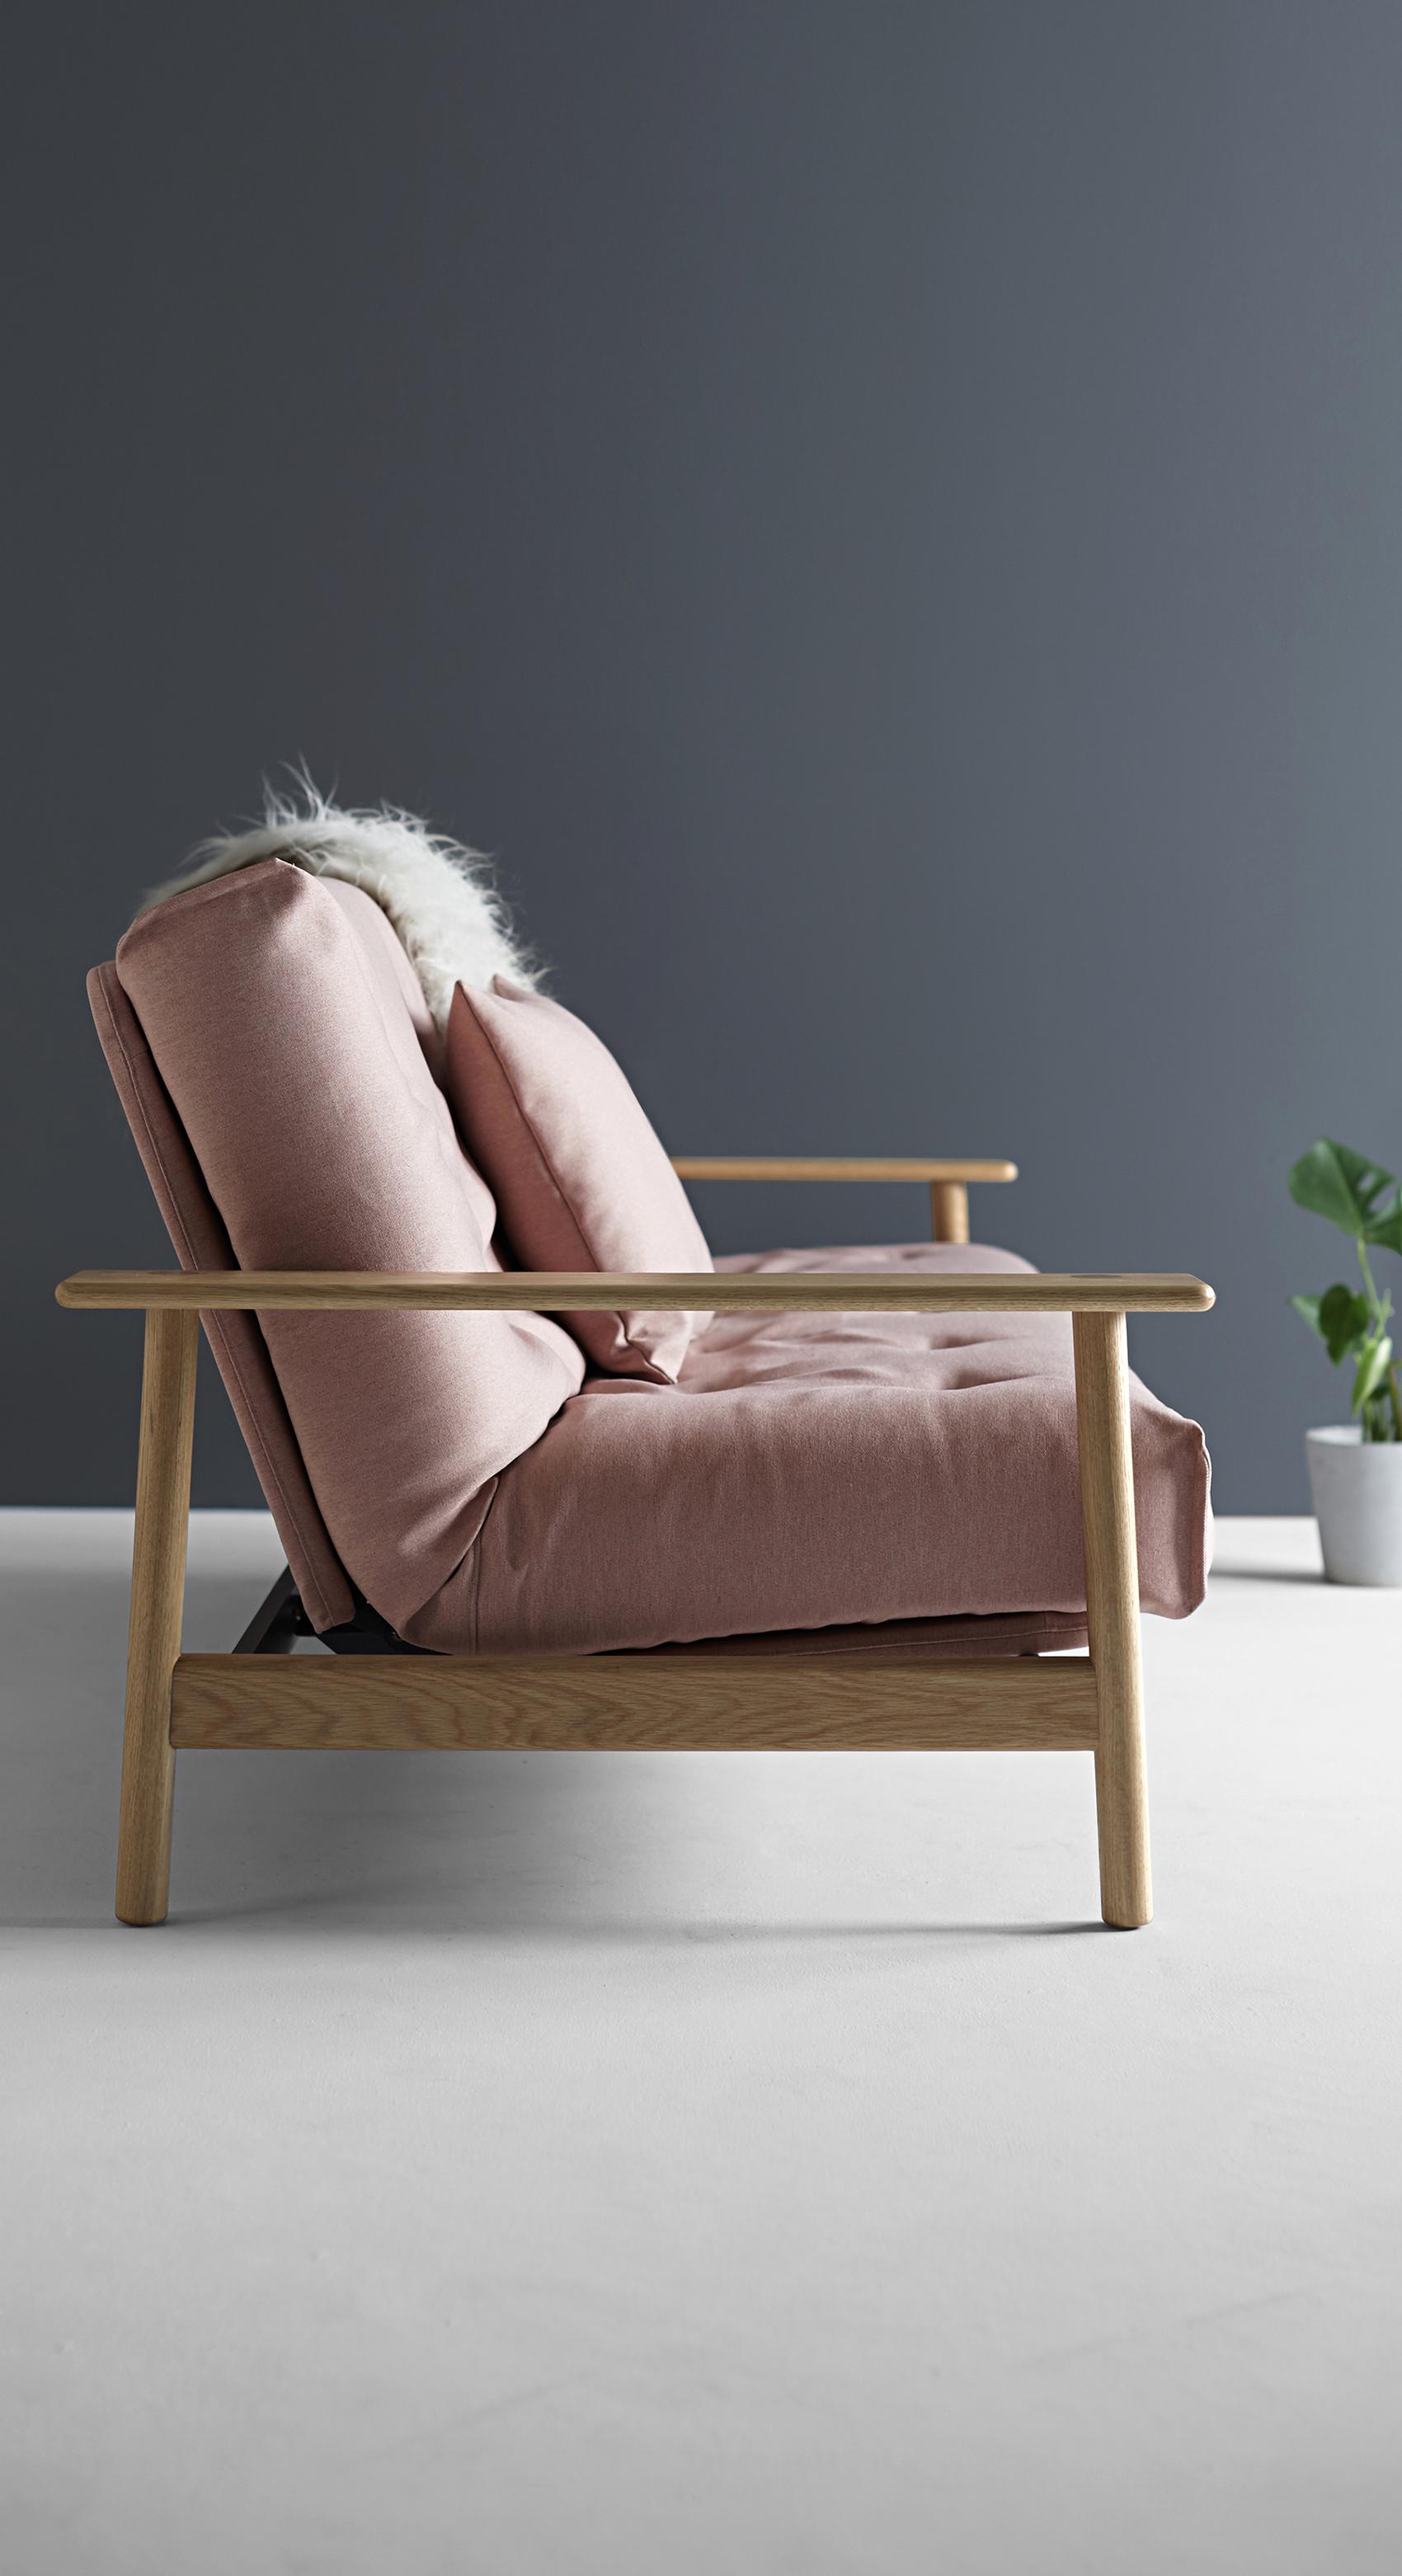 Futon Sofabett In Rosa Und Grau Mit Beinen Aus Holz Music Room